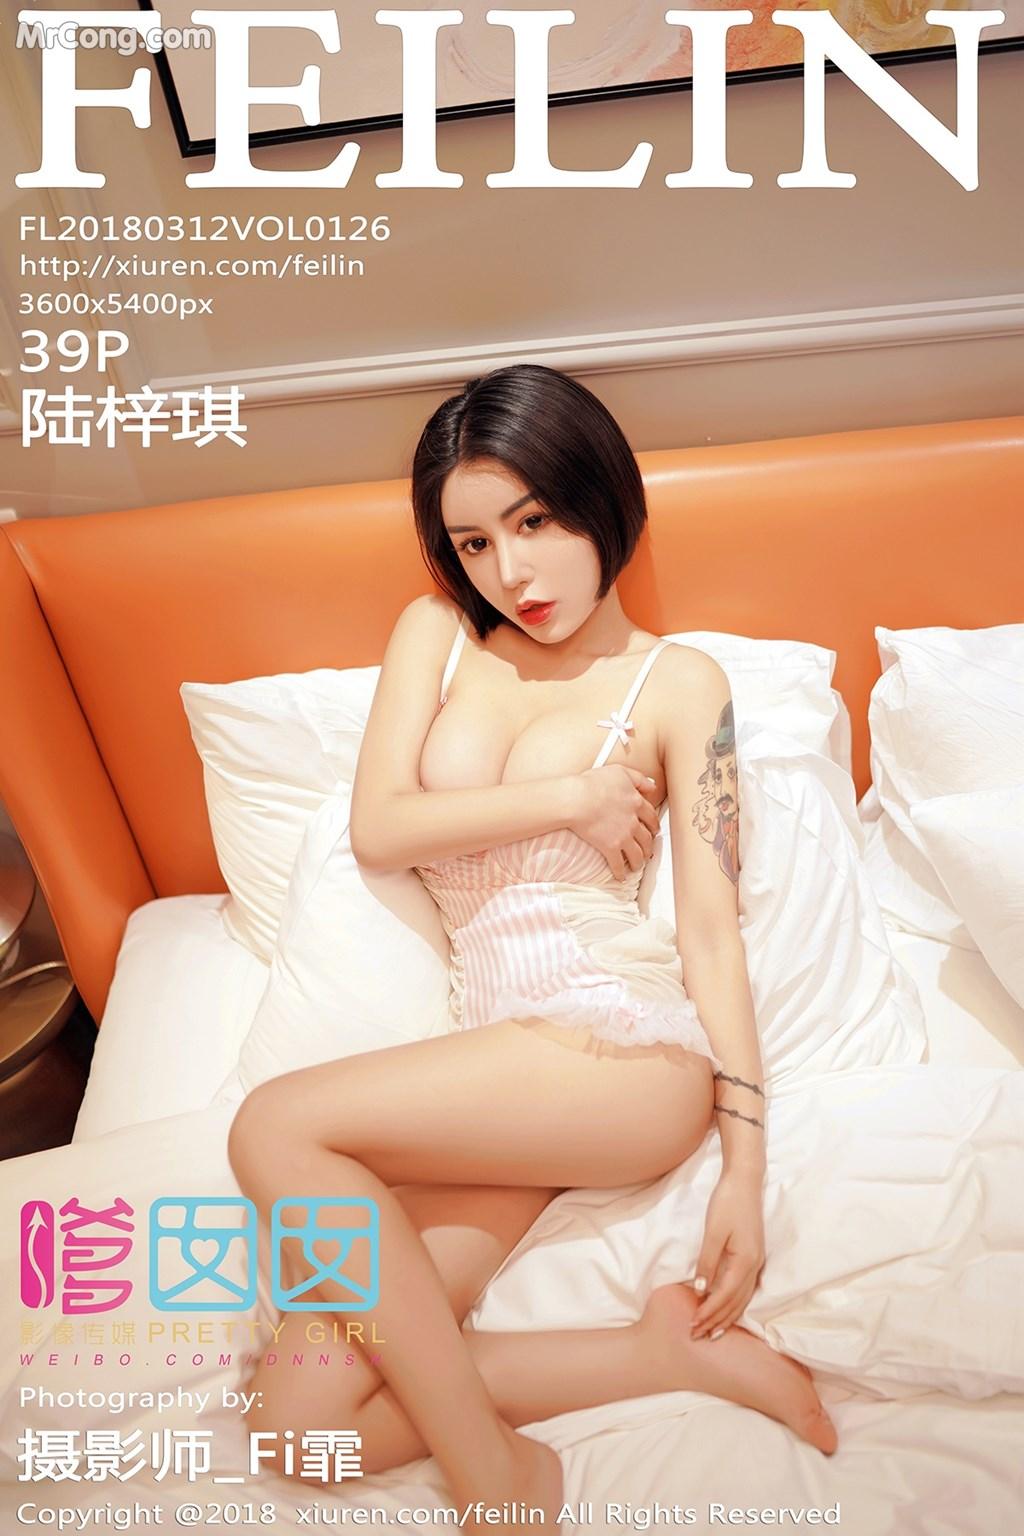 FEILIN Vol.126: Người mẫu Lu Zi Qi (陆梓琪) (40 ảnh)